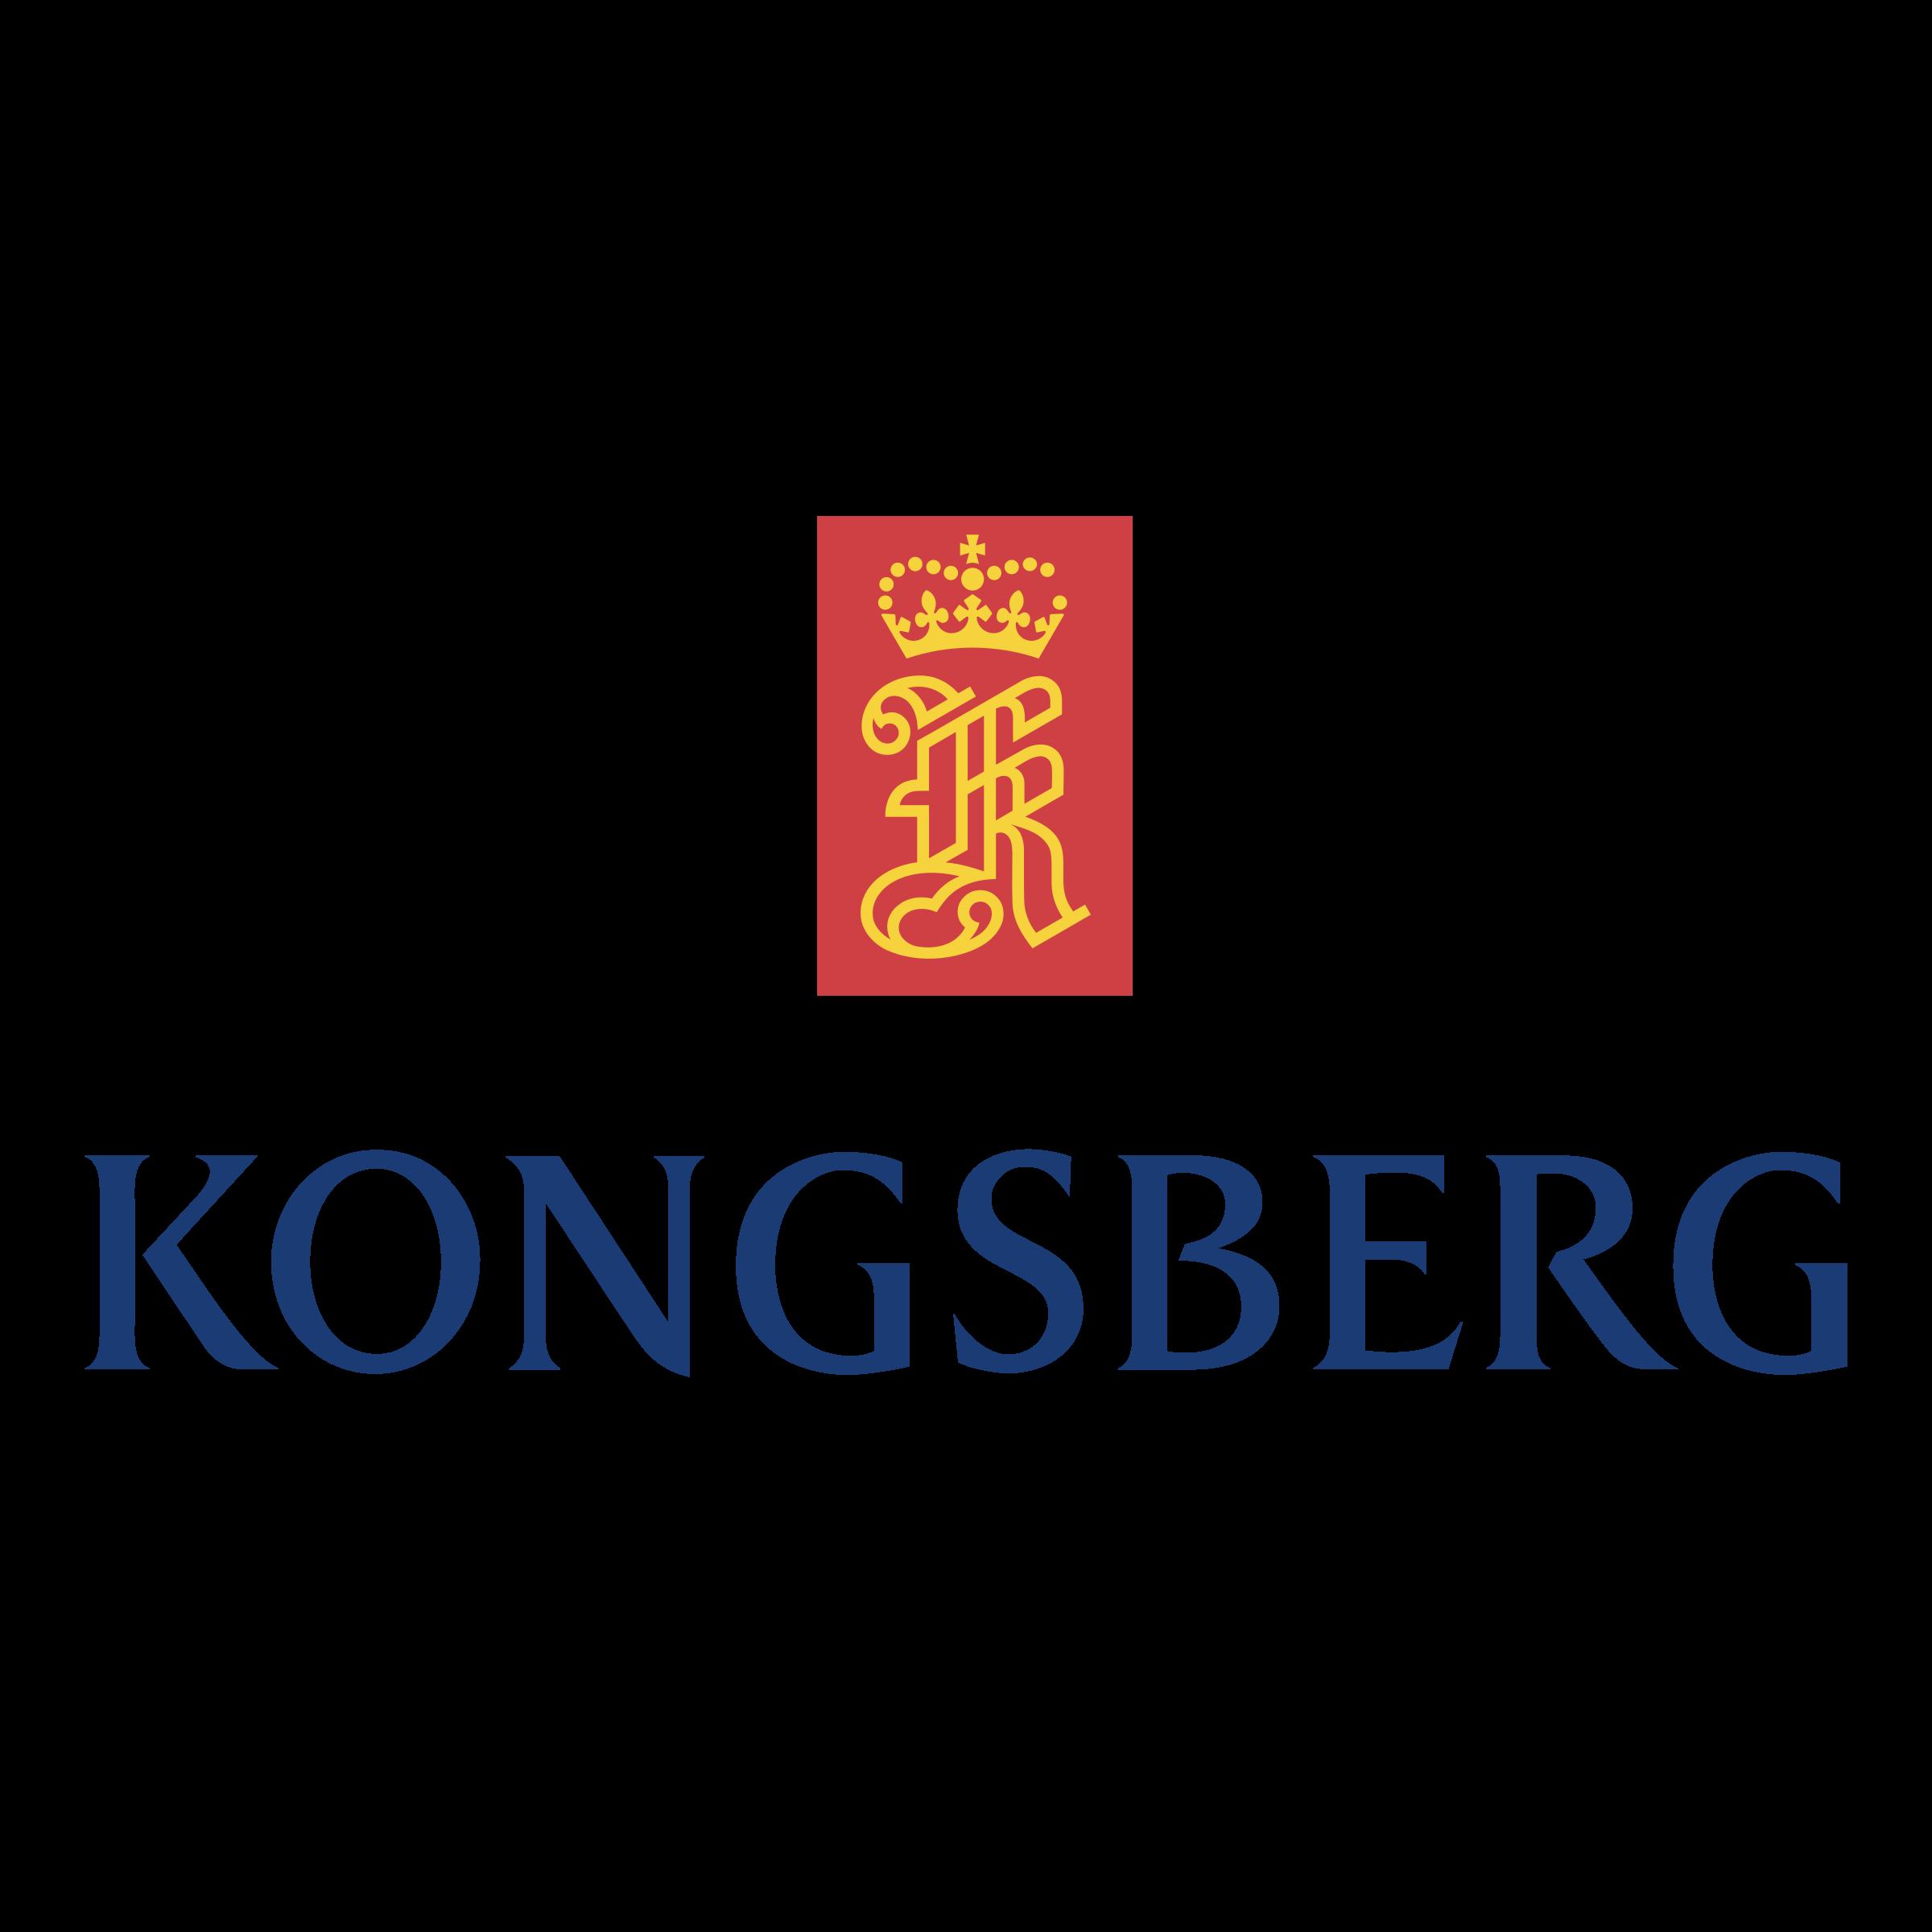 kongsberg-logo-png-transparent.png